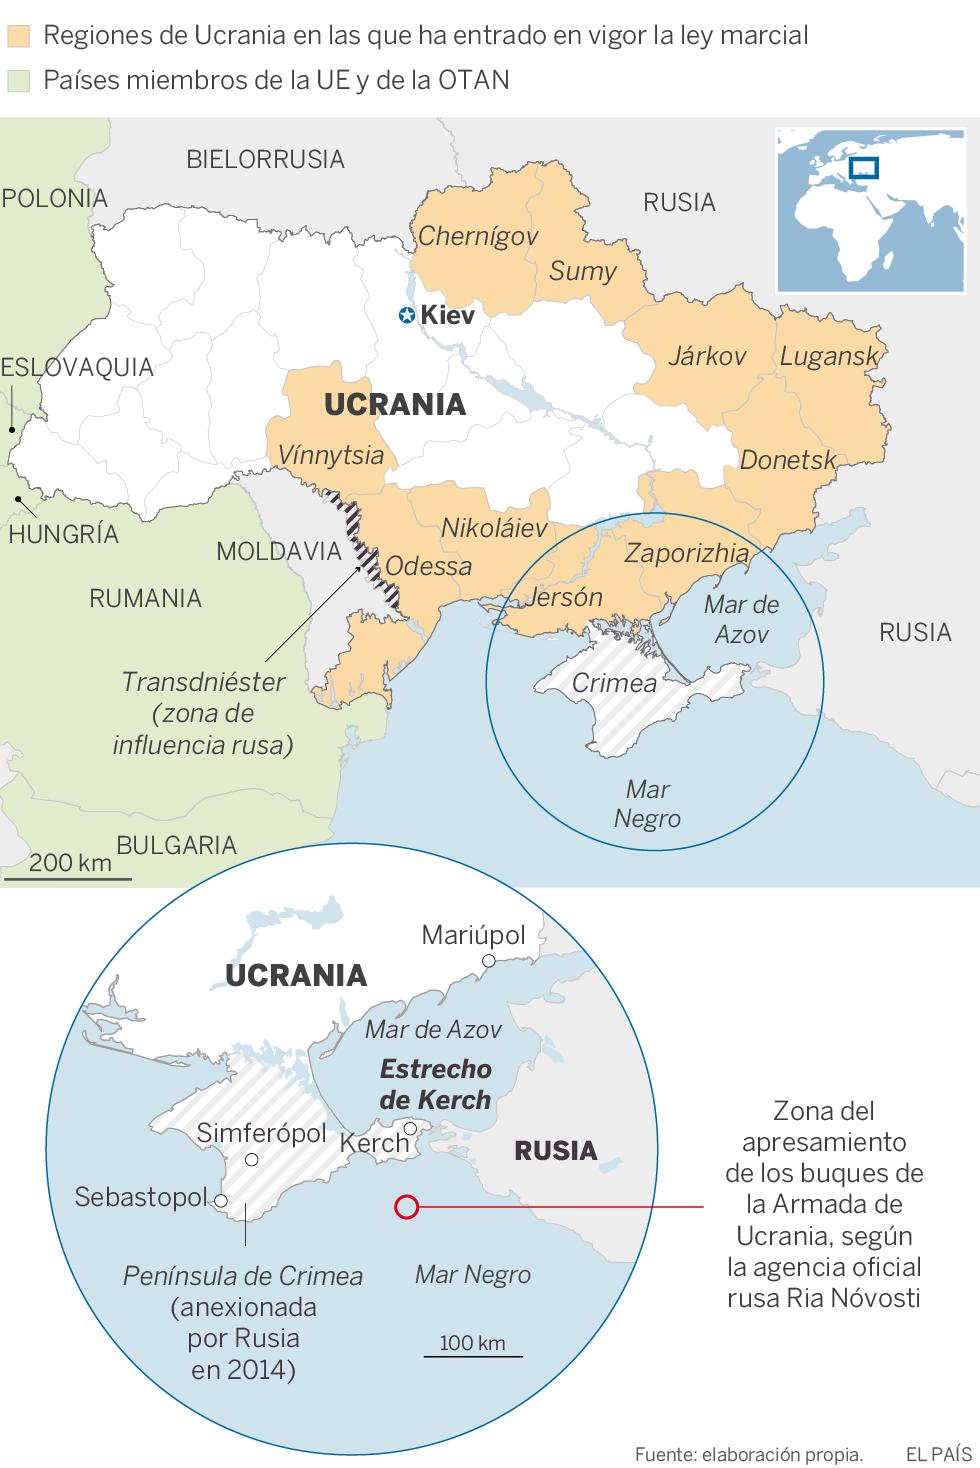 El presidente de Ucrania pide a la OTAN que envíe buques a Crimea ante la escalada bélica con Rusia